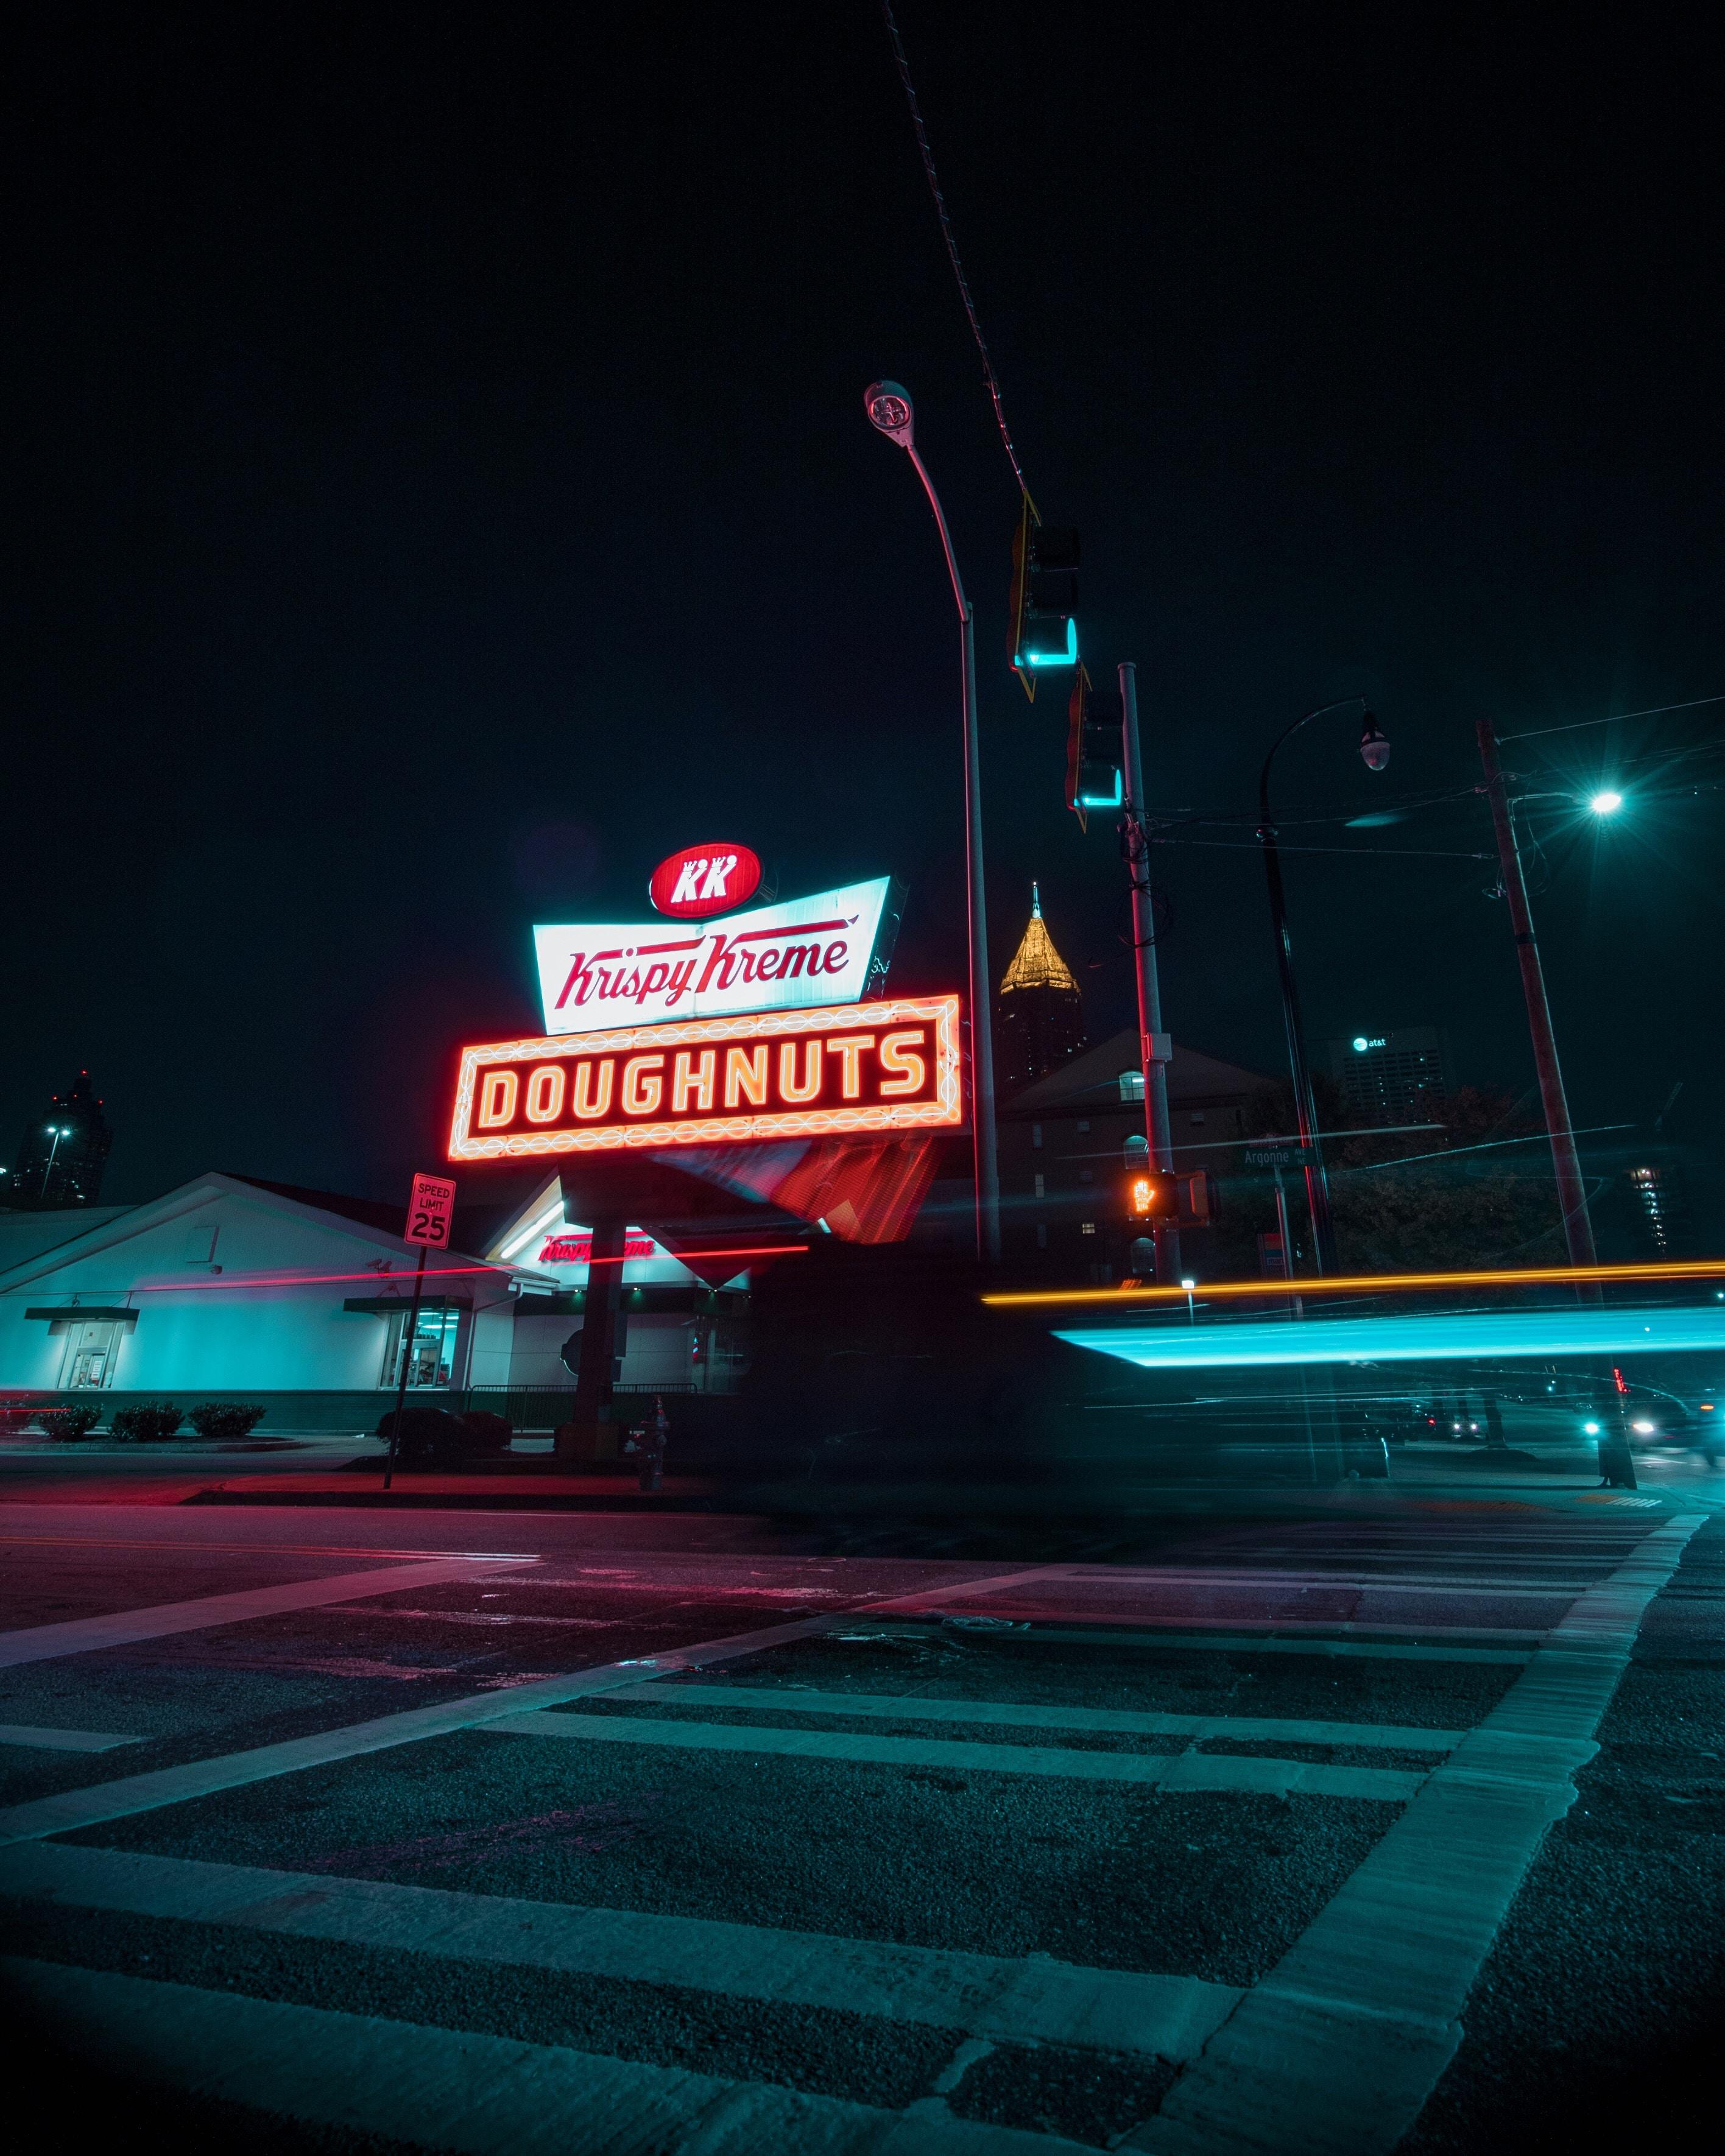 turned on Krispy Kreme Doughnuts neon signage